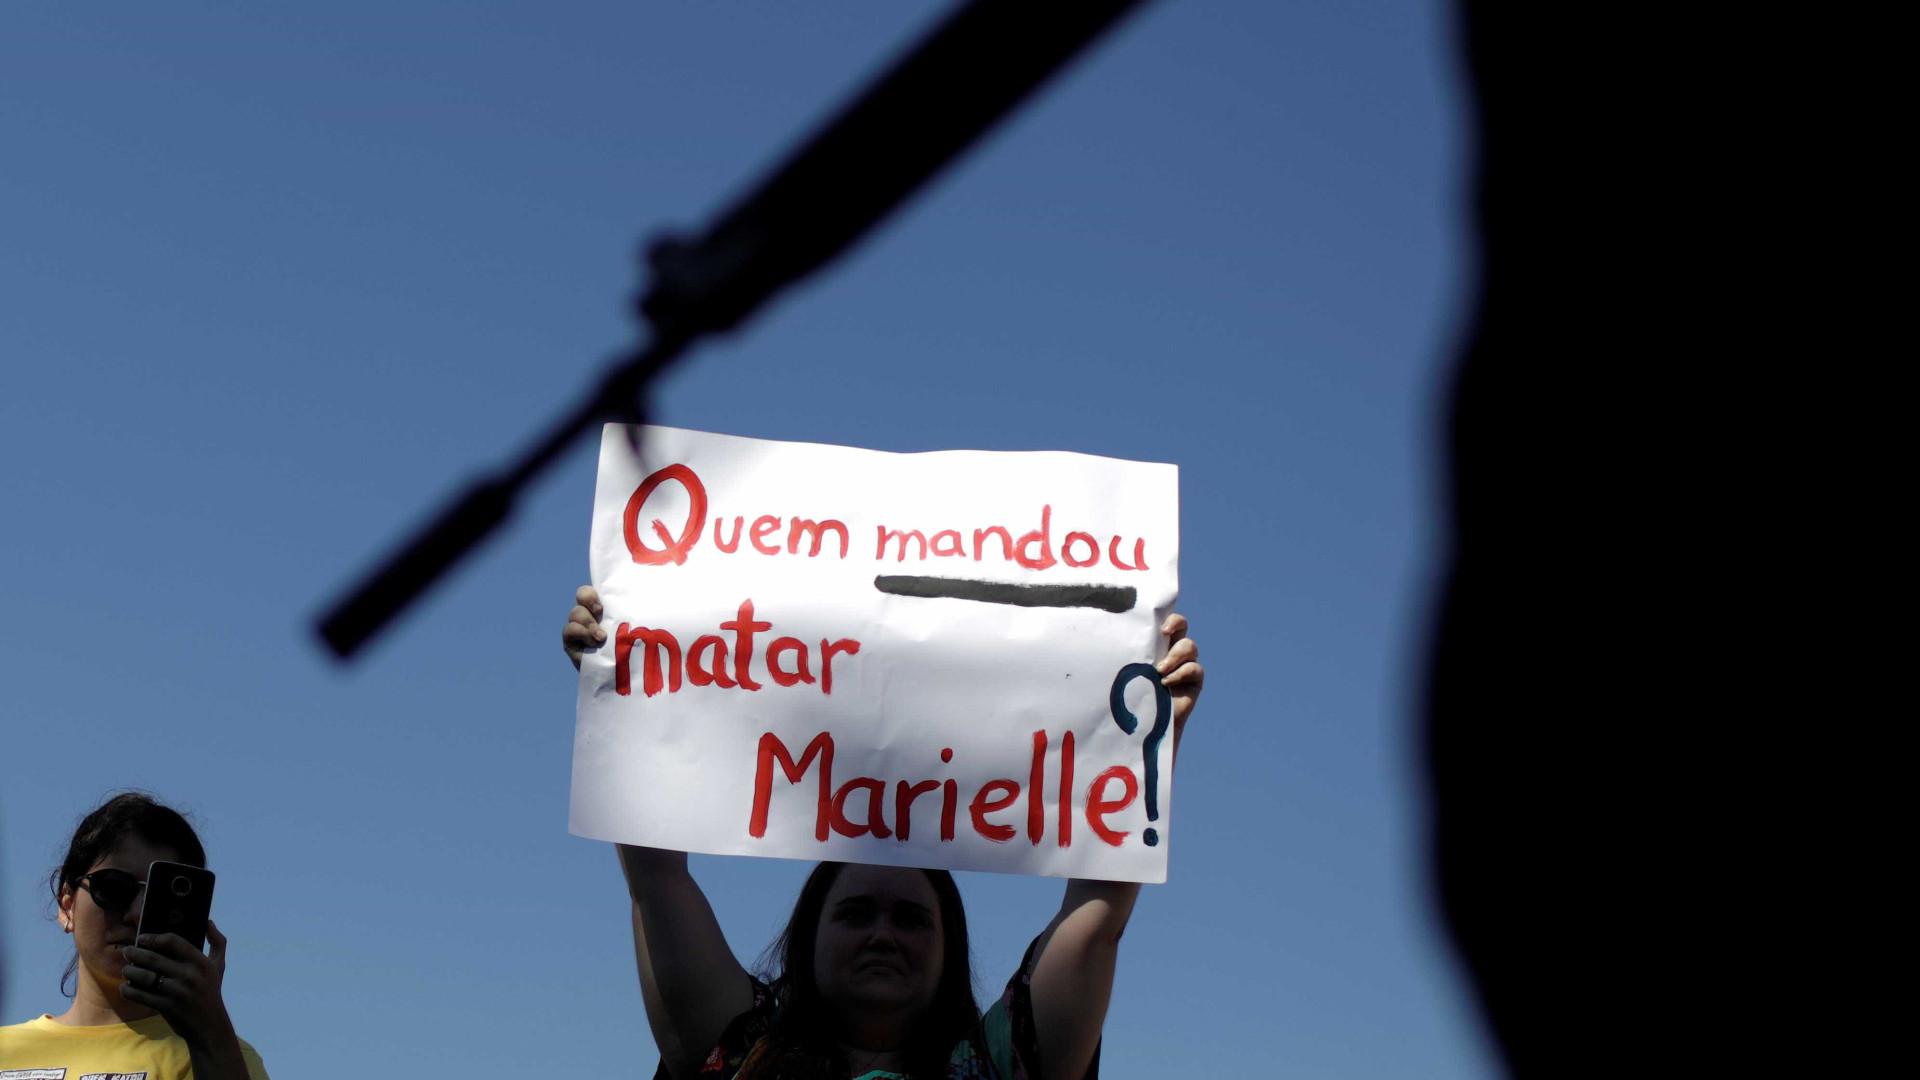 Caso Marielle: após 60 dias, polícia confirma participação de milícias